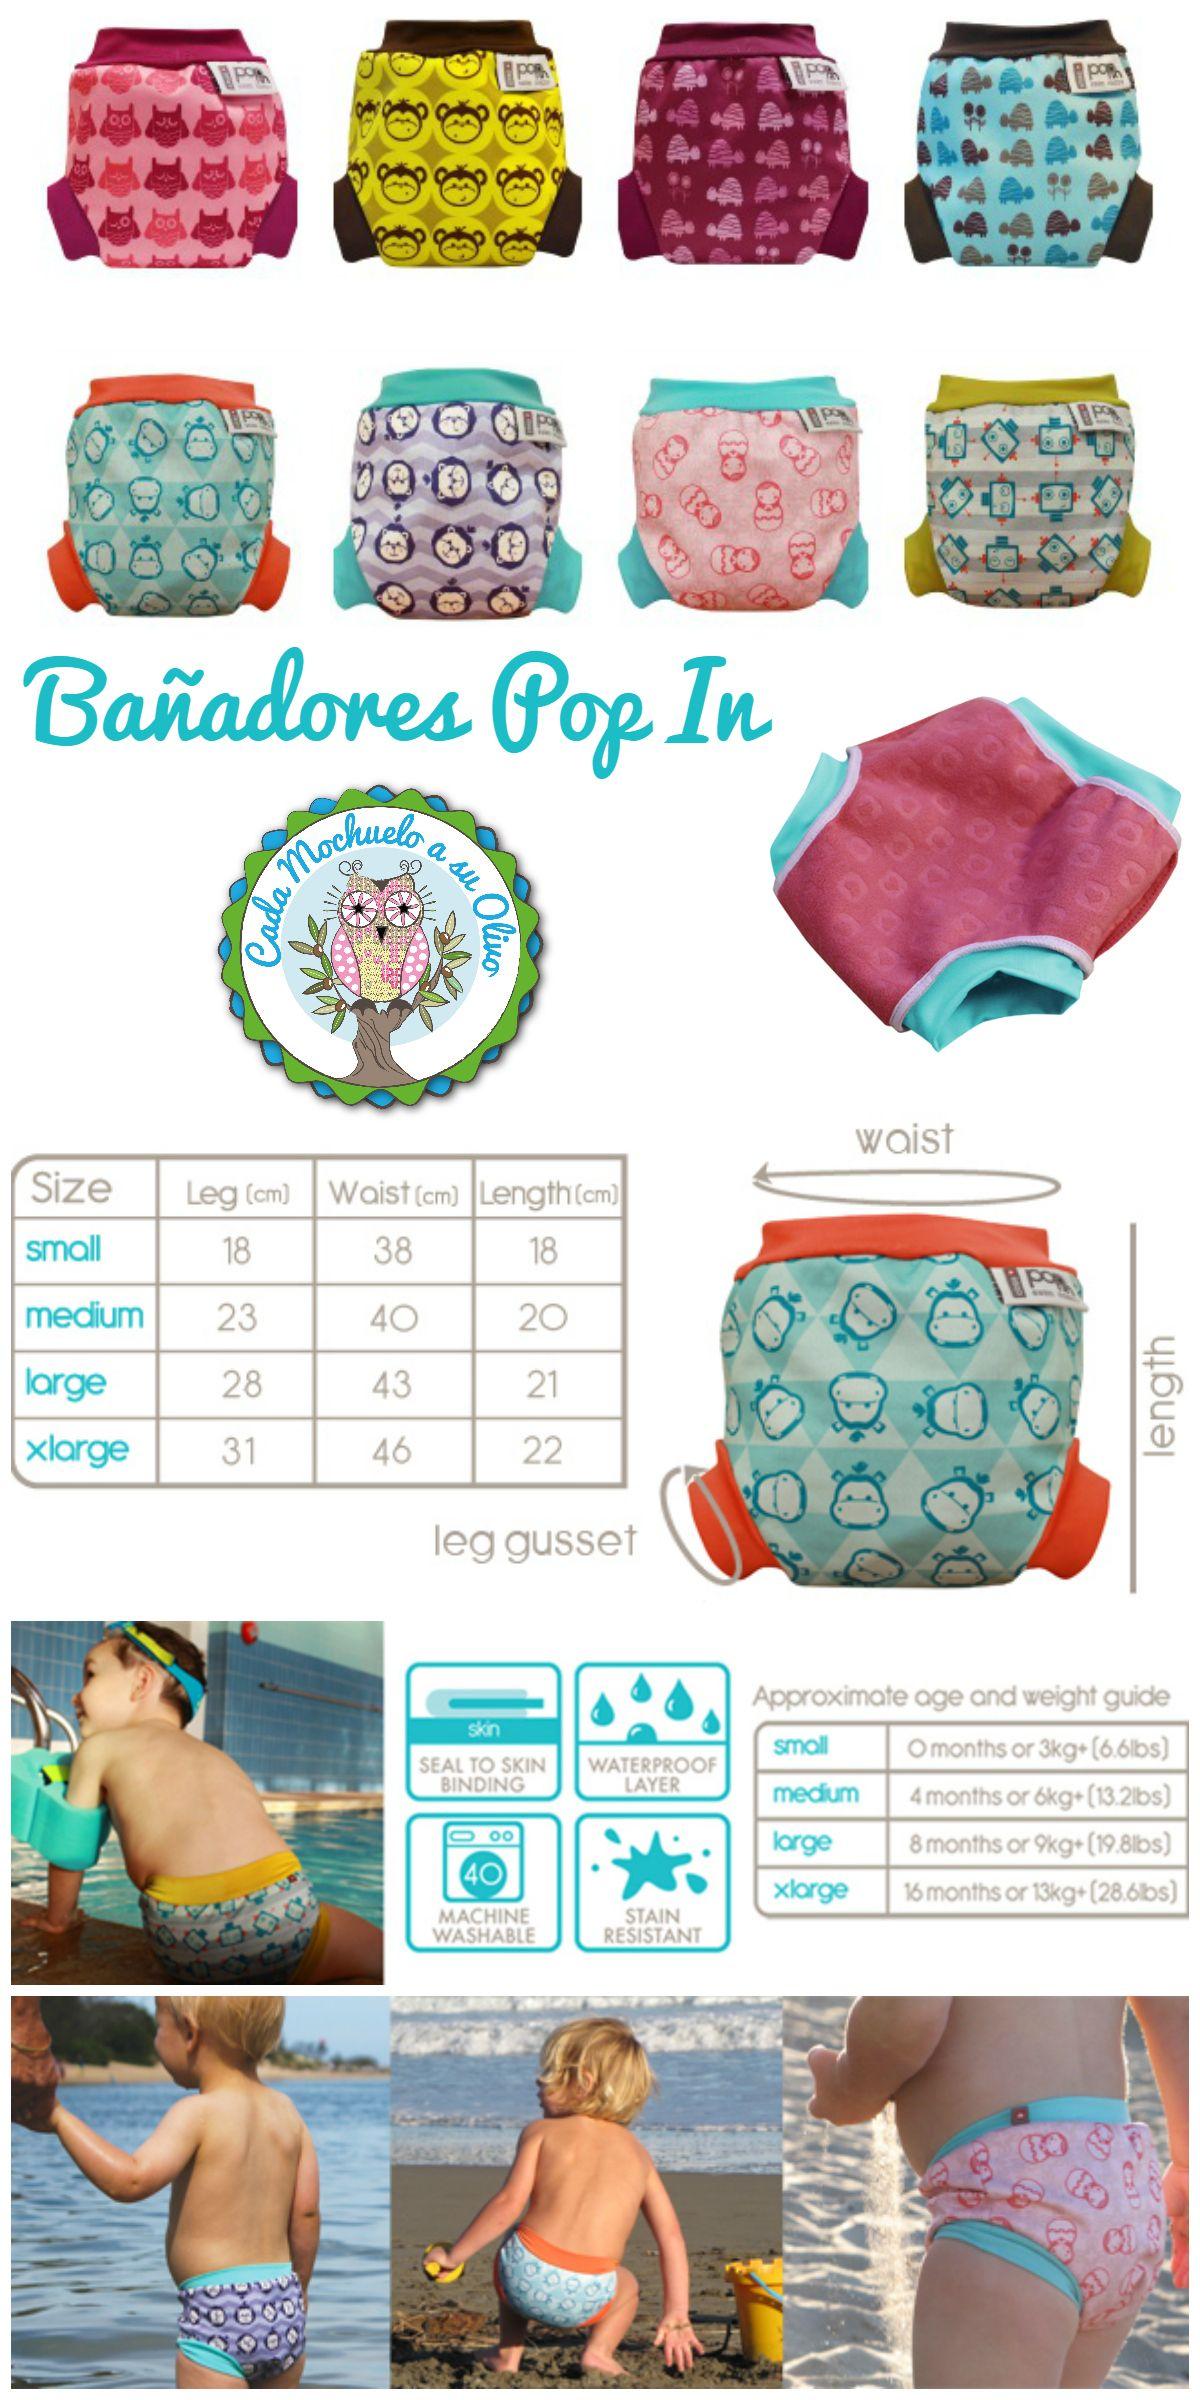 2f0a80ce8609 Pin de Oliva Mochuela en Bañador / pañal Pop In | Bañadores, Bebe y ...